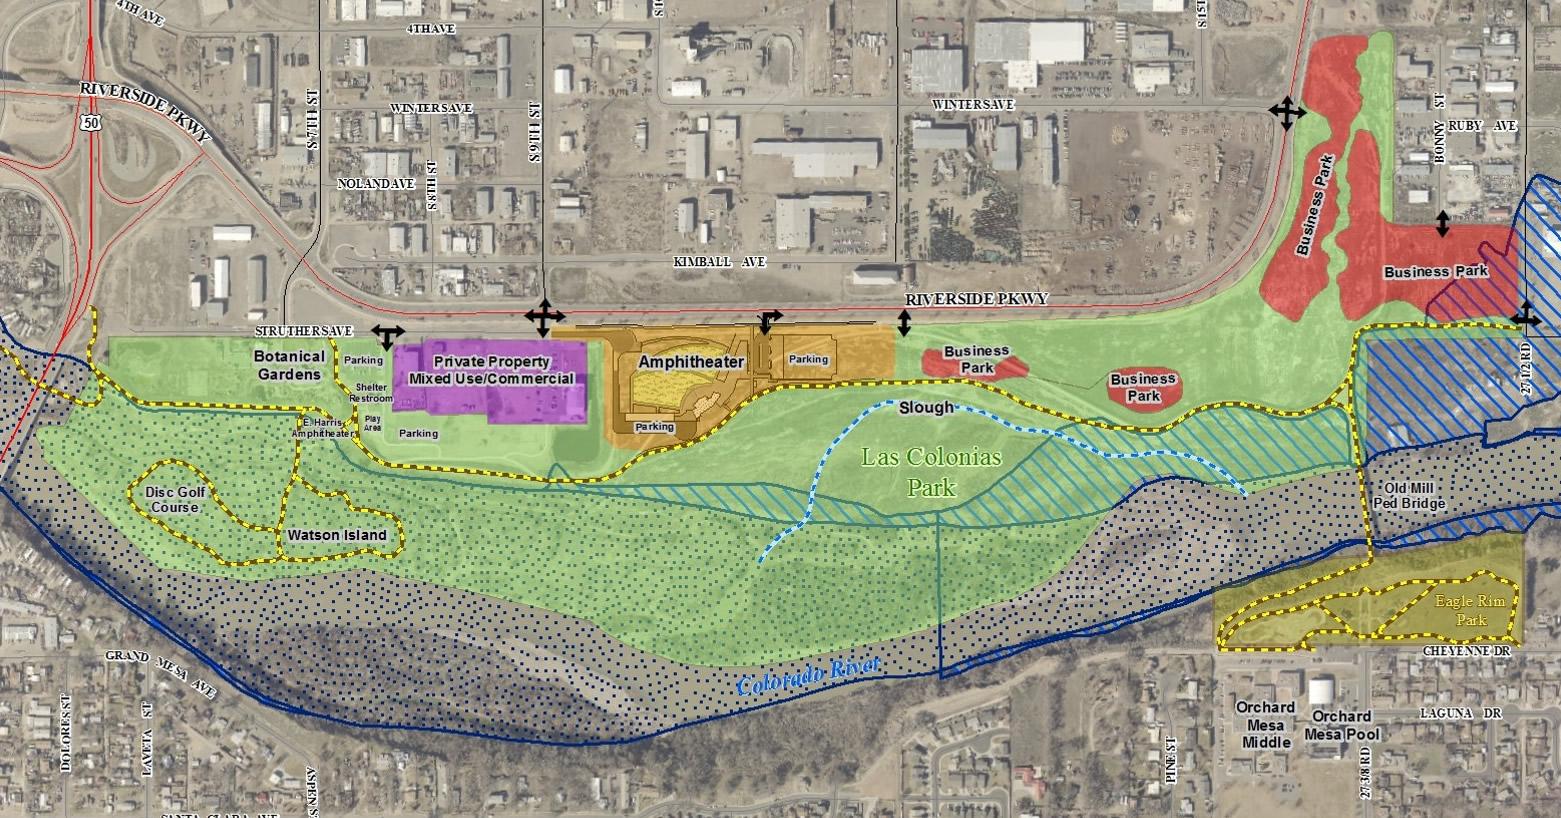 City Council Moves To Retain Bonsai Design Develop 30 Million Business And Rec Park Gjep